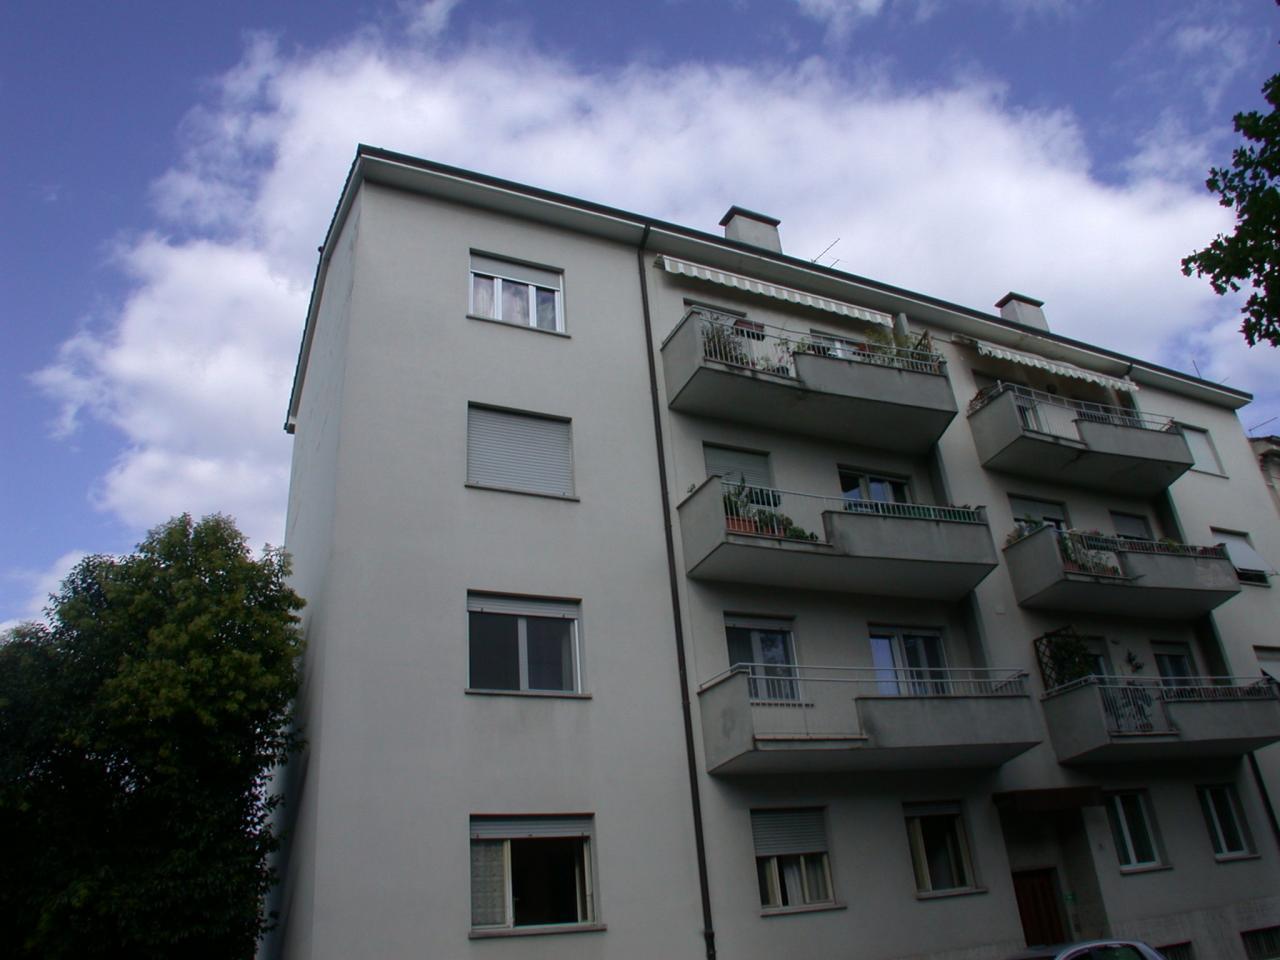 Appartamento in vendita a Gorizia, 6 locali, zona Località: centro, prezzo € 105.000   CambioCasa.it